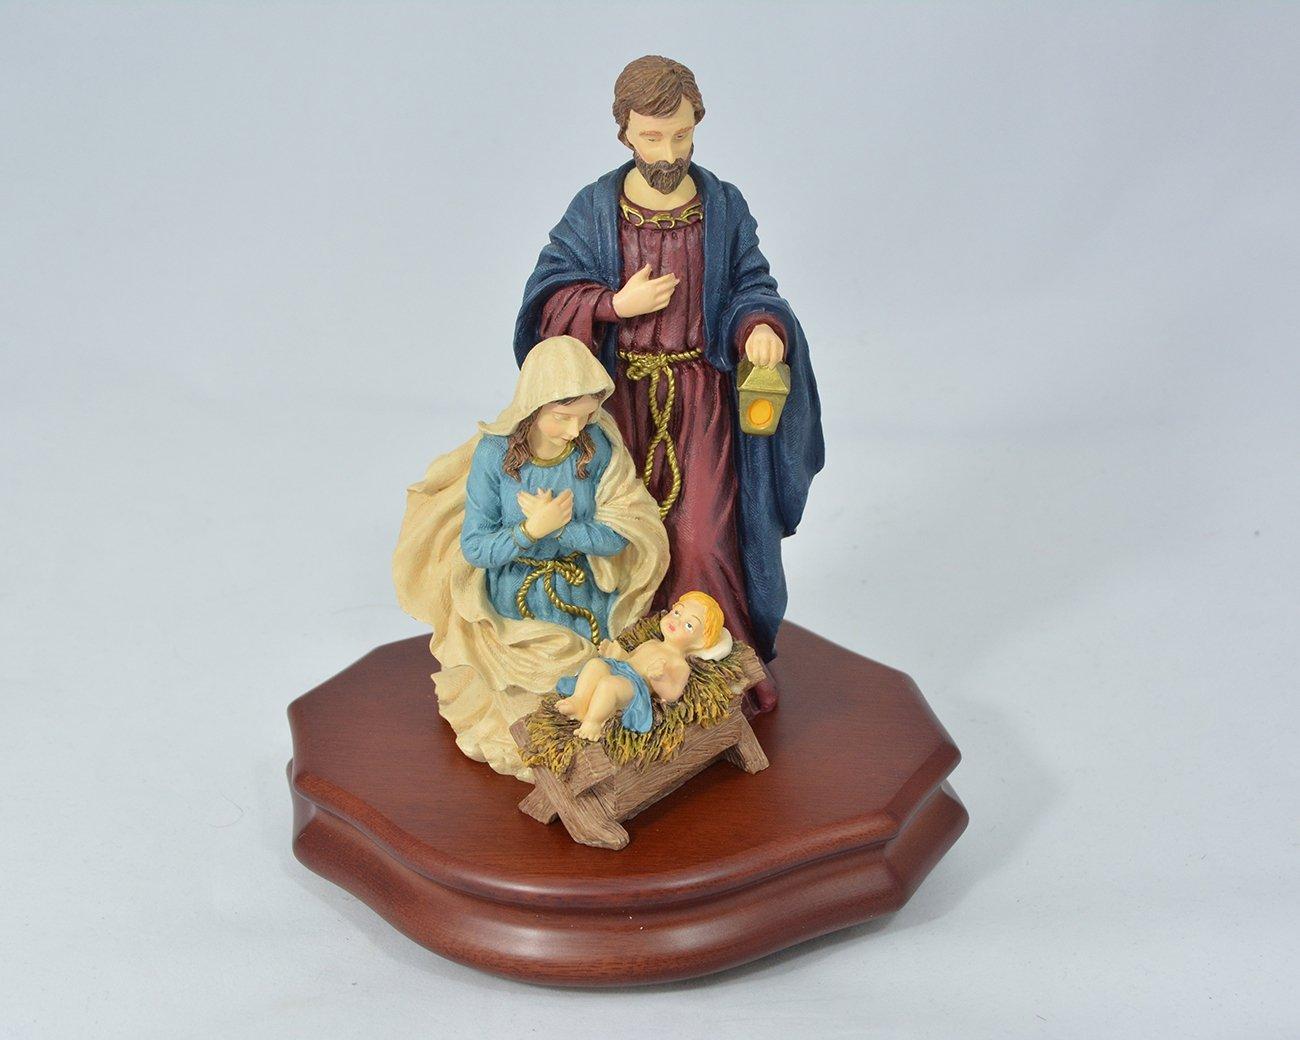 【新発売】 Nativity Figurine Movements with Swiss 18-notes Figurine Movement – ChoralのカンタータREUGE 18-notes Movements B011J309WU, ペットランド(PETLAND):63f155c4 --- arcego.dominiotemporario.com